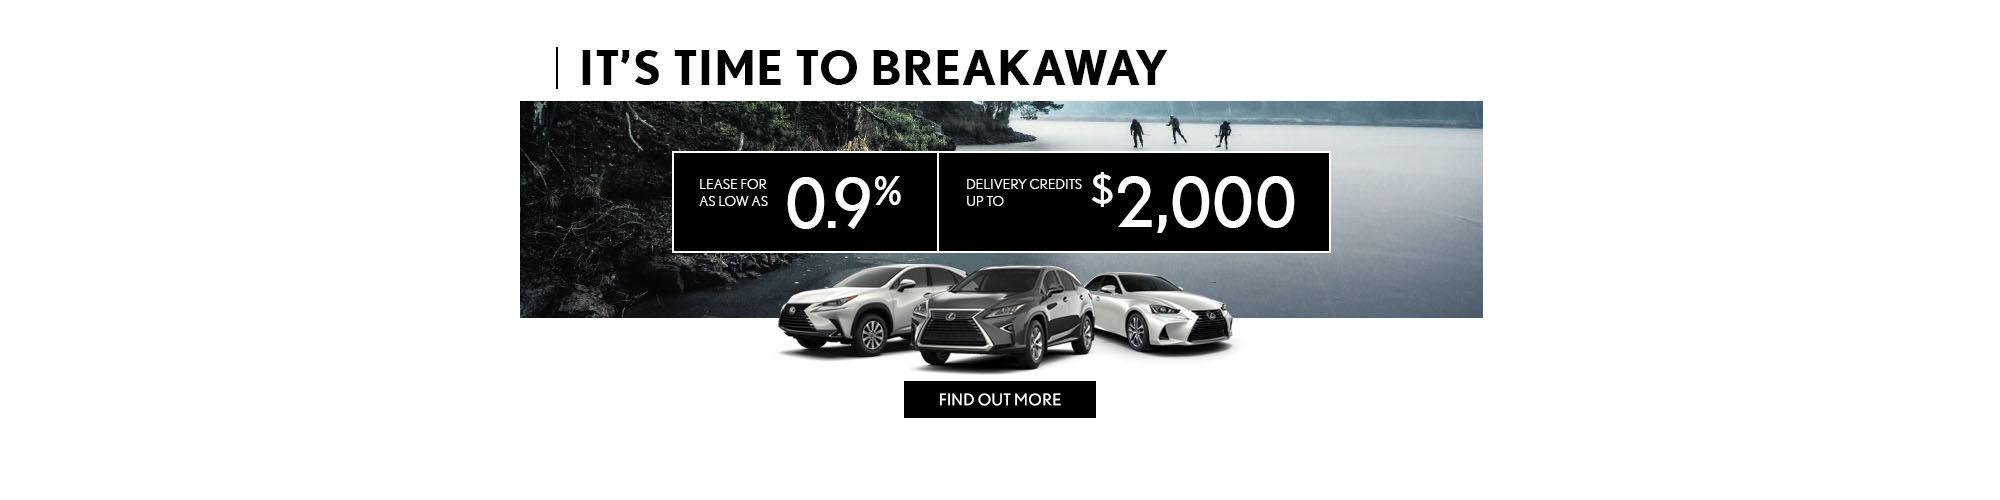 Lexus its time to breakaway